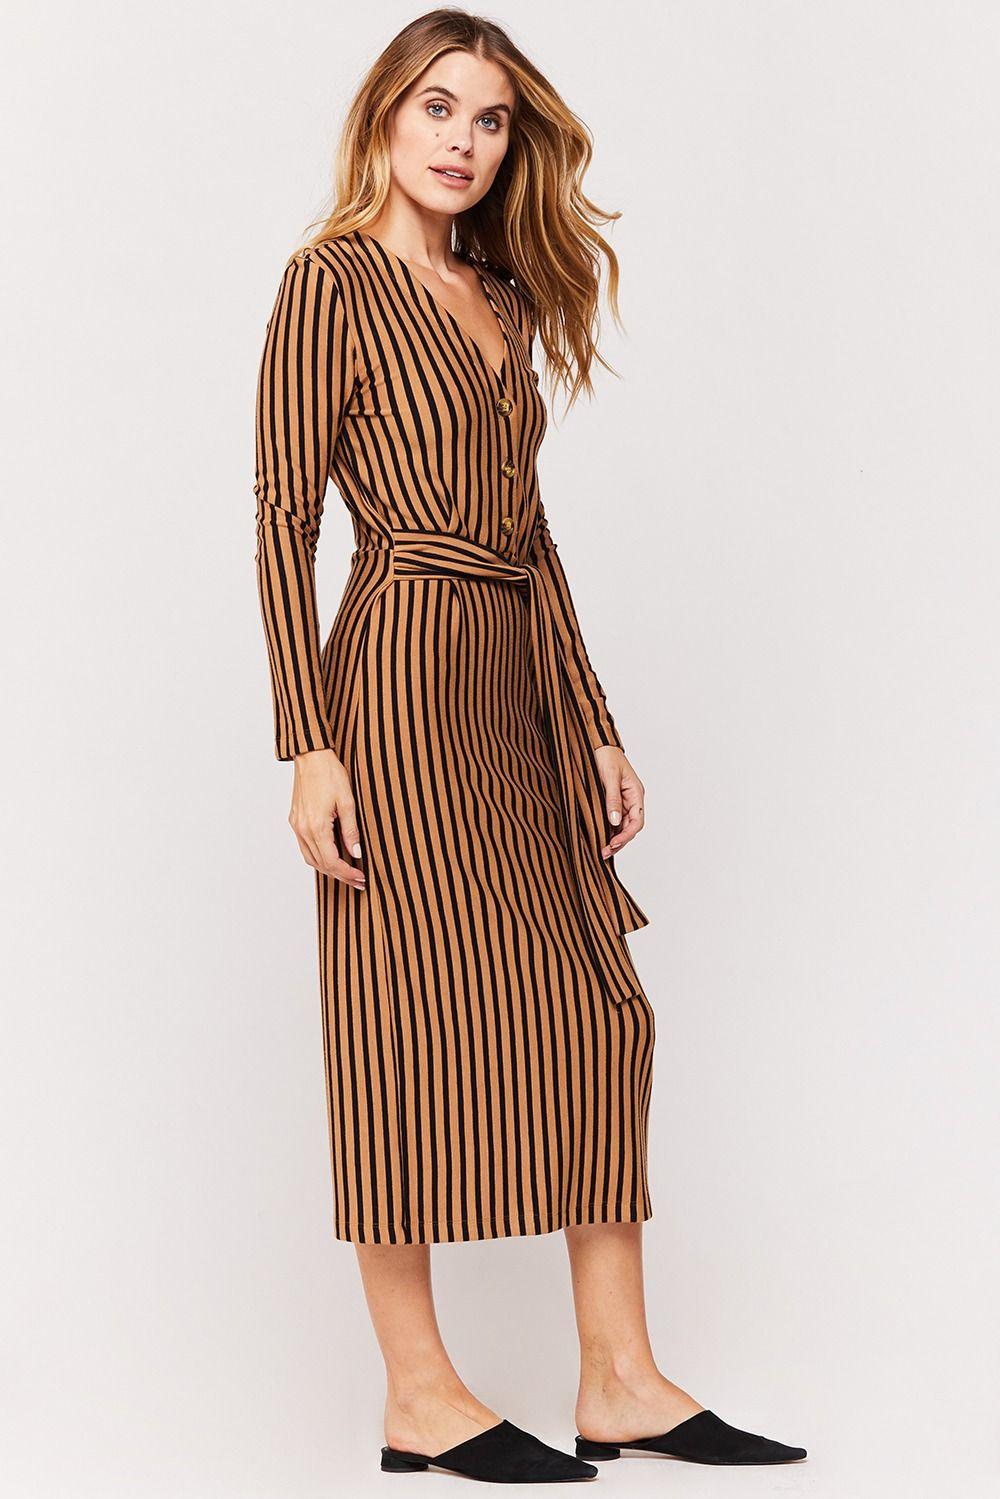 Lucille Tan Black Stripe Tie Front Midi Dress Midi Dress Dresses Striped Tie [ 1499 x 1000 Pixel ]